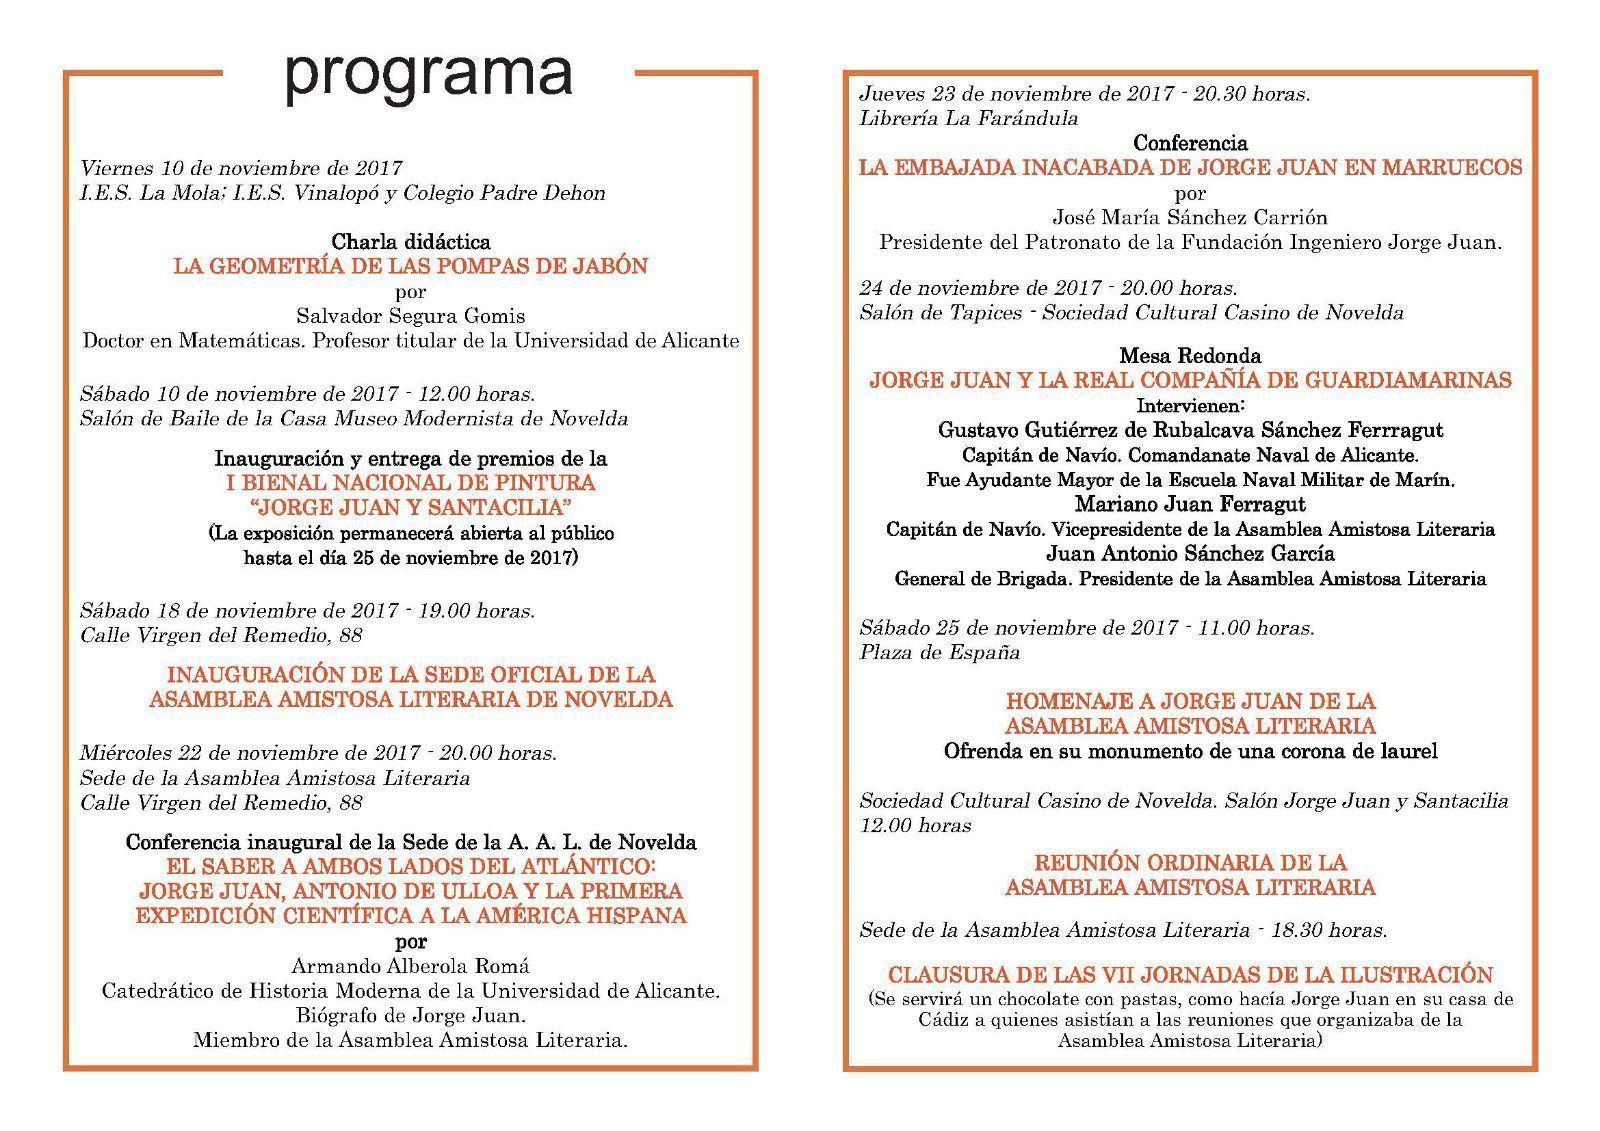 Programa de las VII Jornadas de la Ilustración